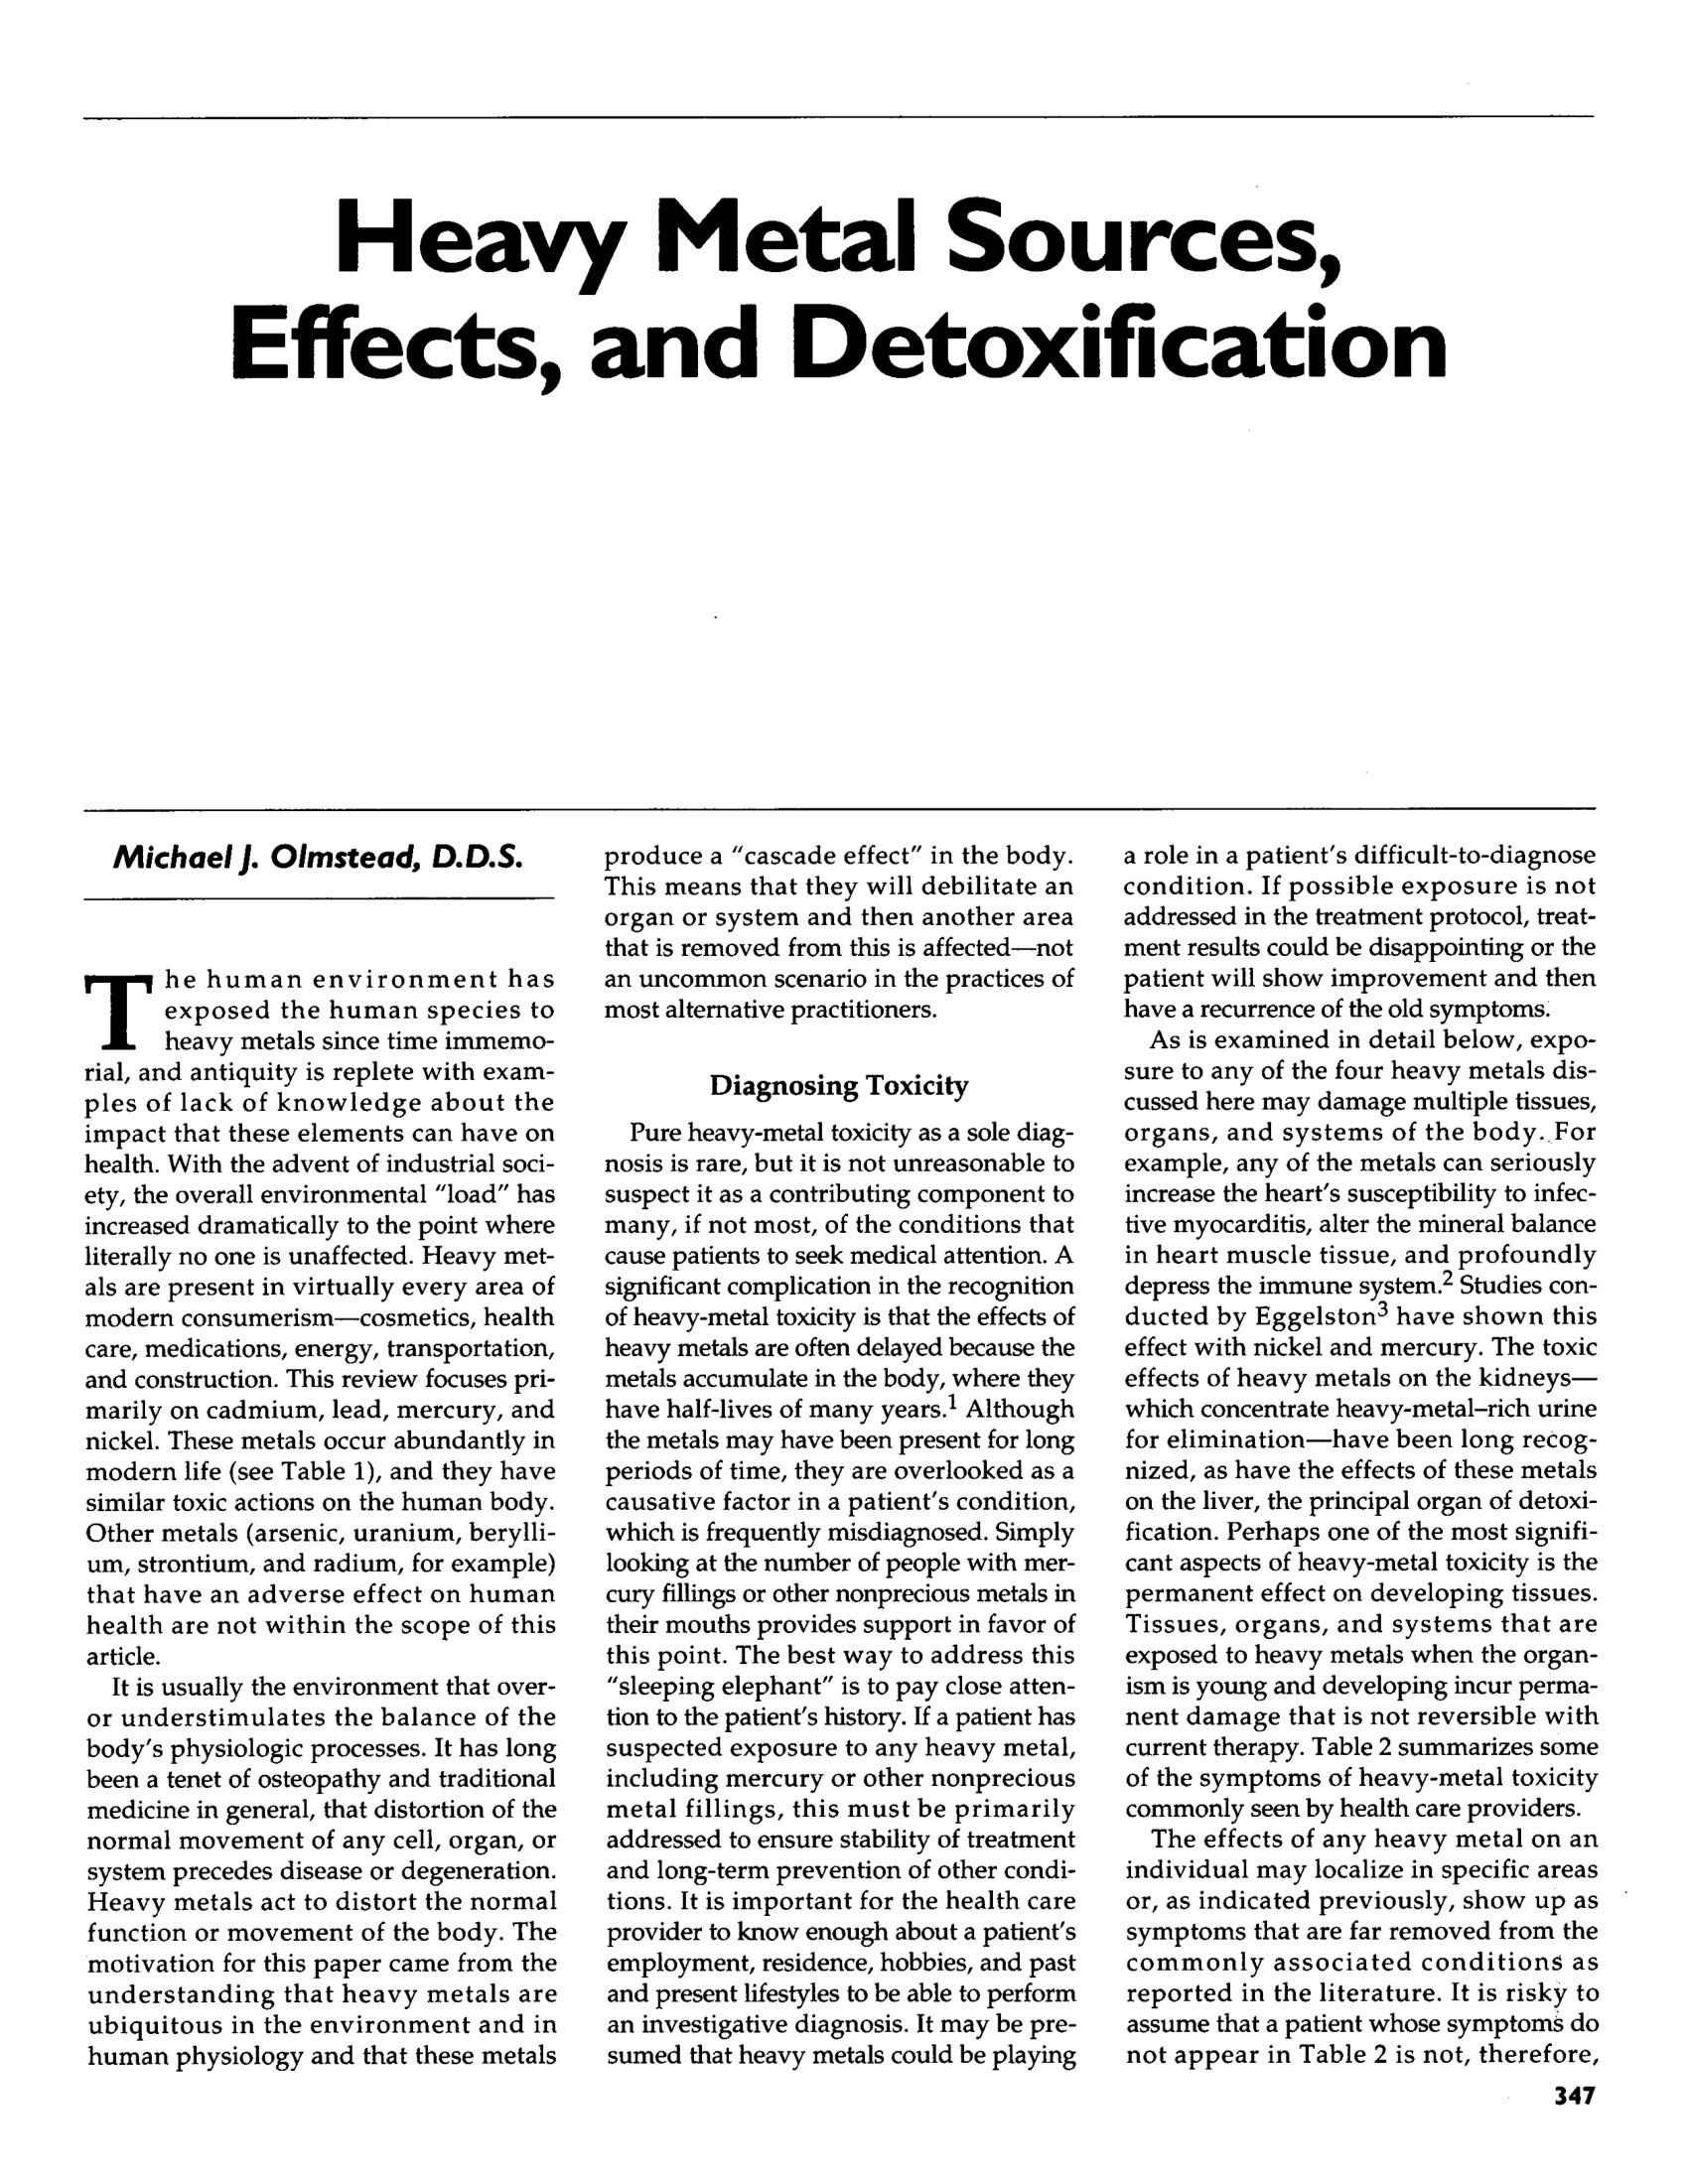 heavy materials articles